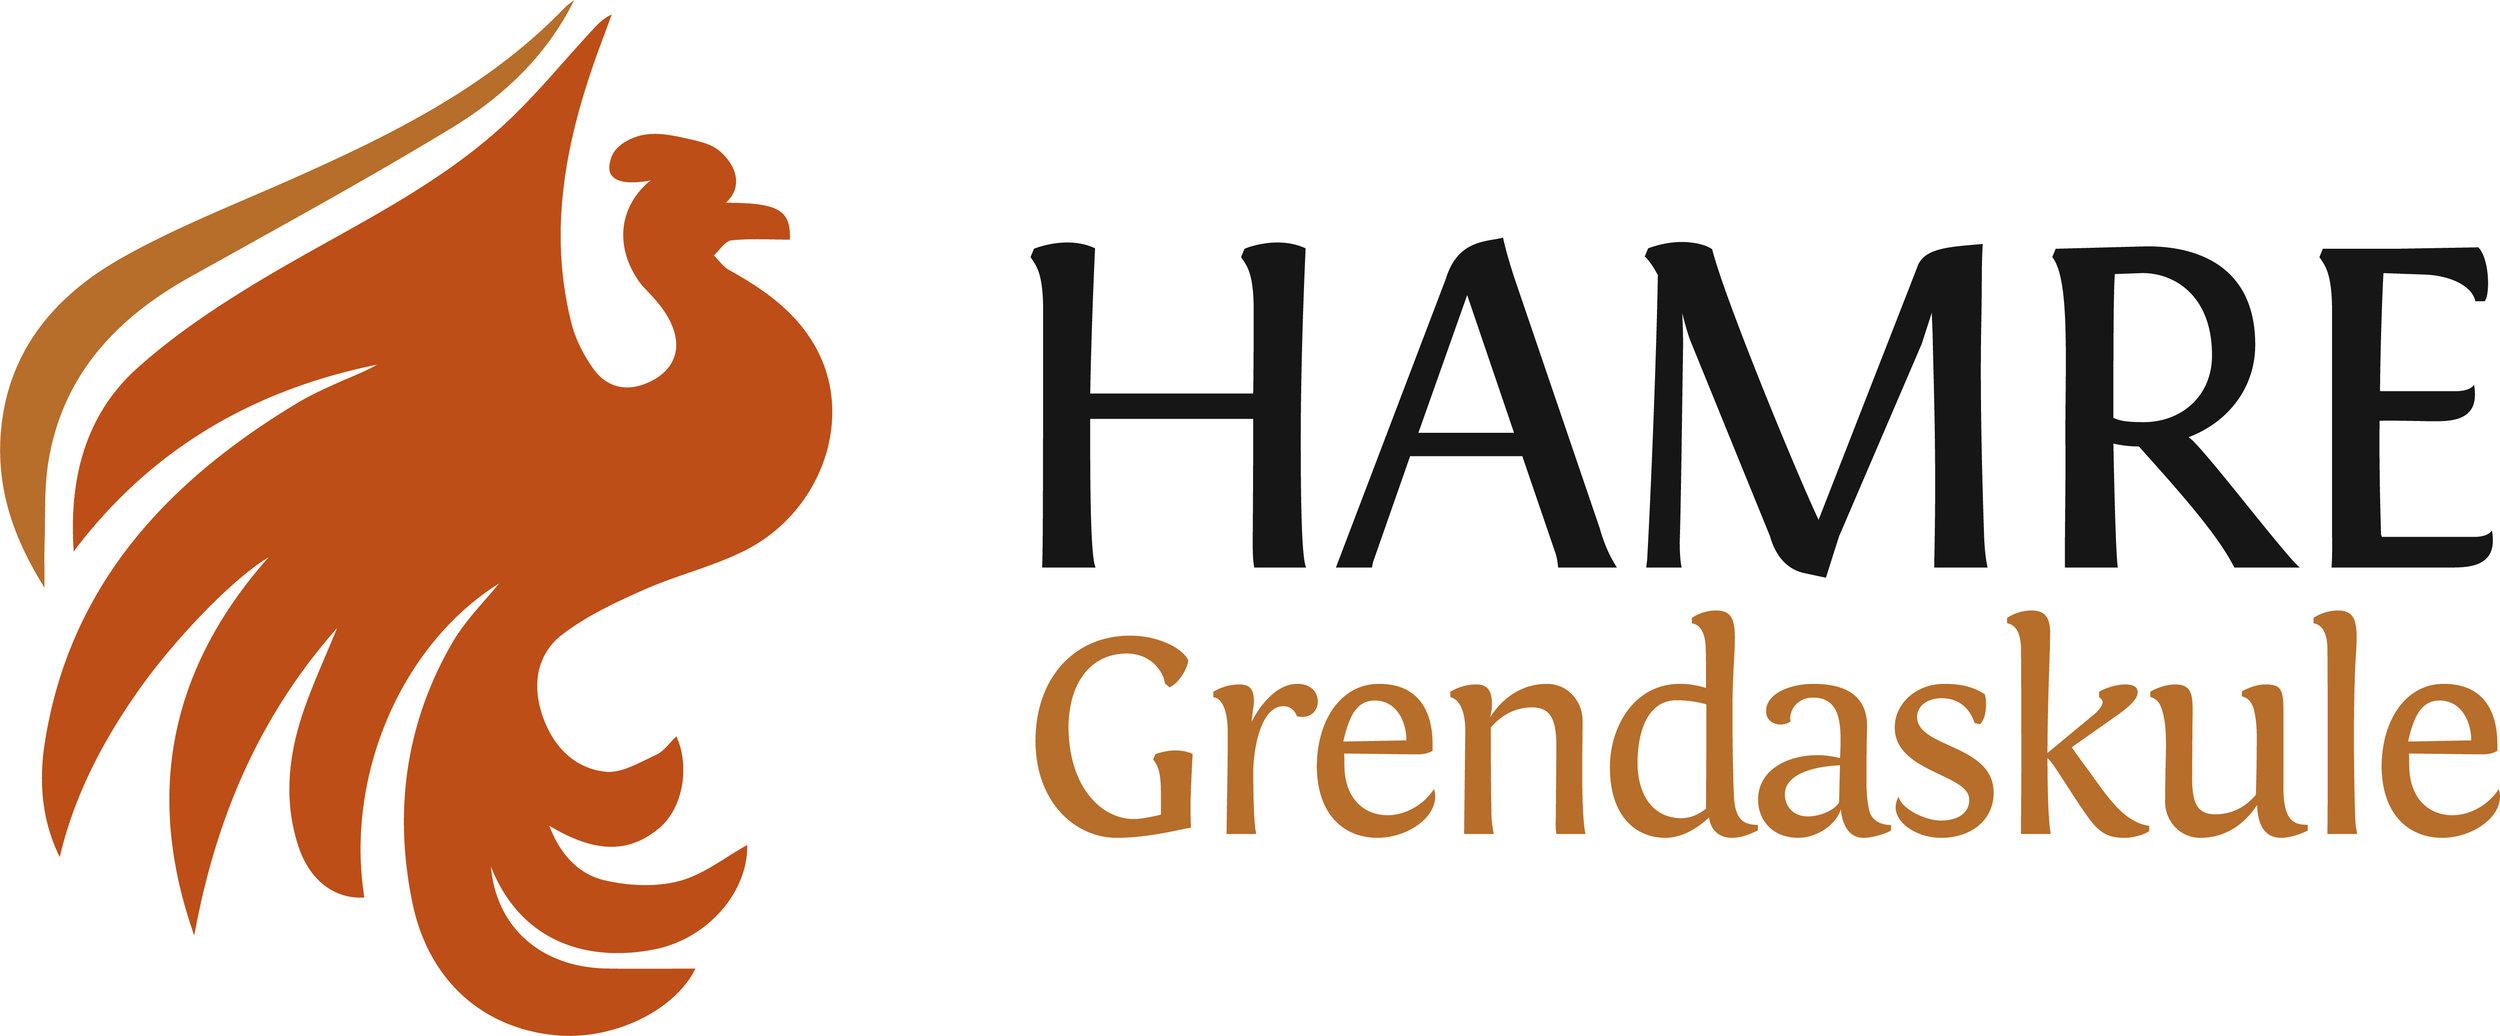 Hamre Grendaskule - Logo Horisontal (FARGE).jpg